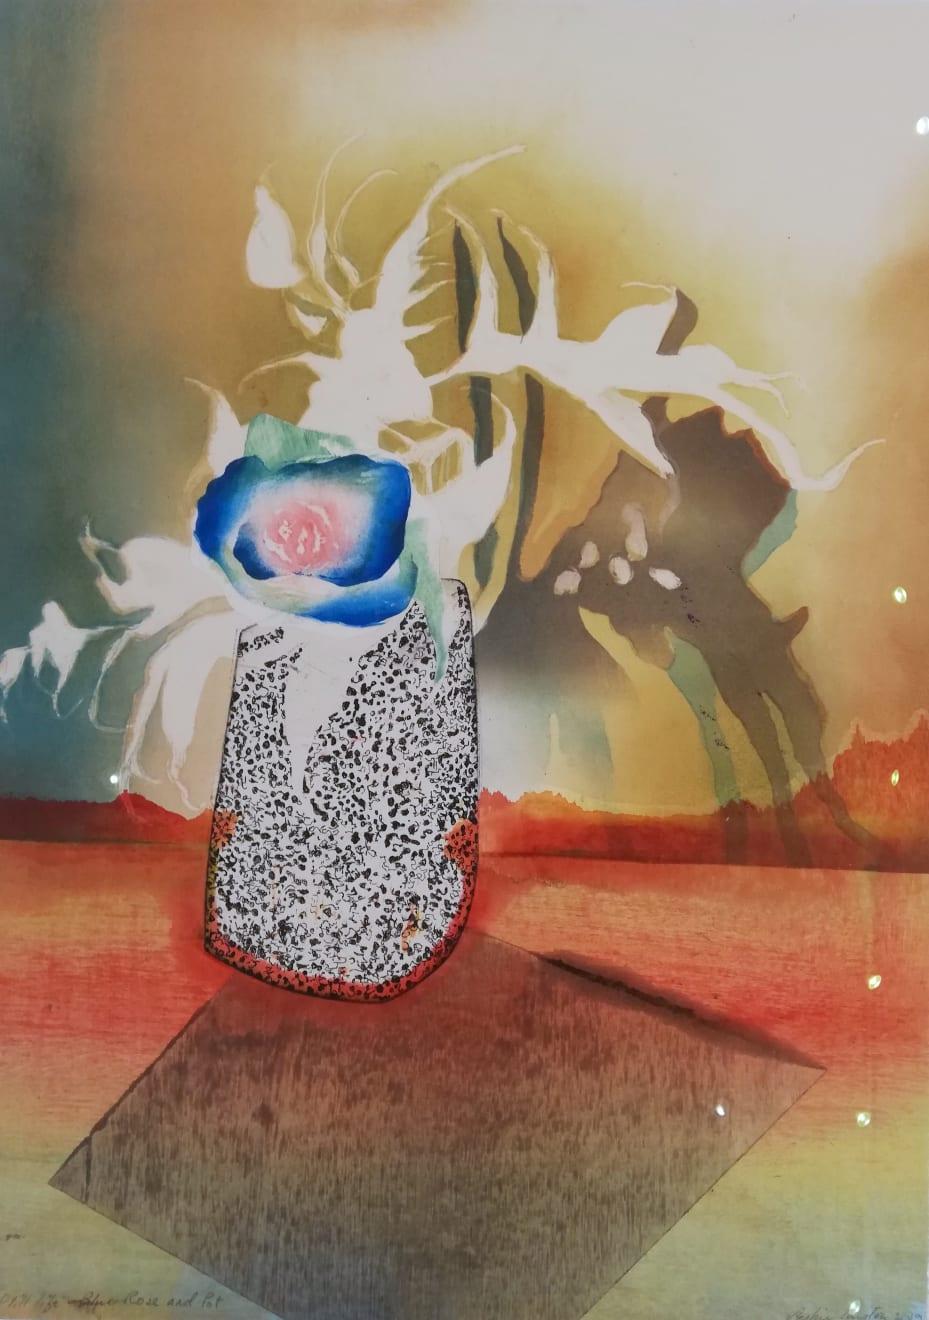 Sophie Layton, Still Life - Blue Rose & Pot, 2019